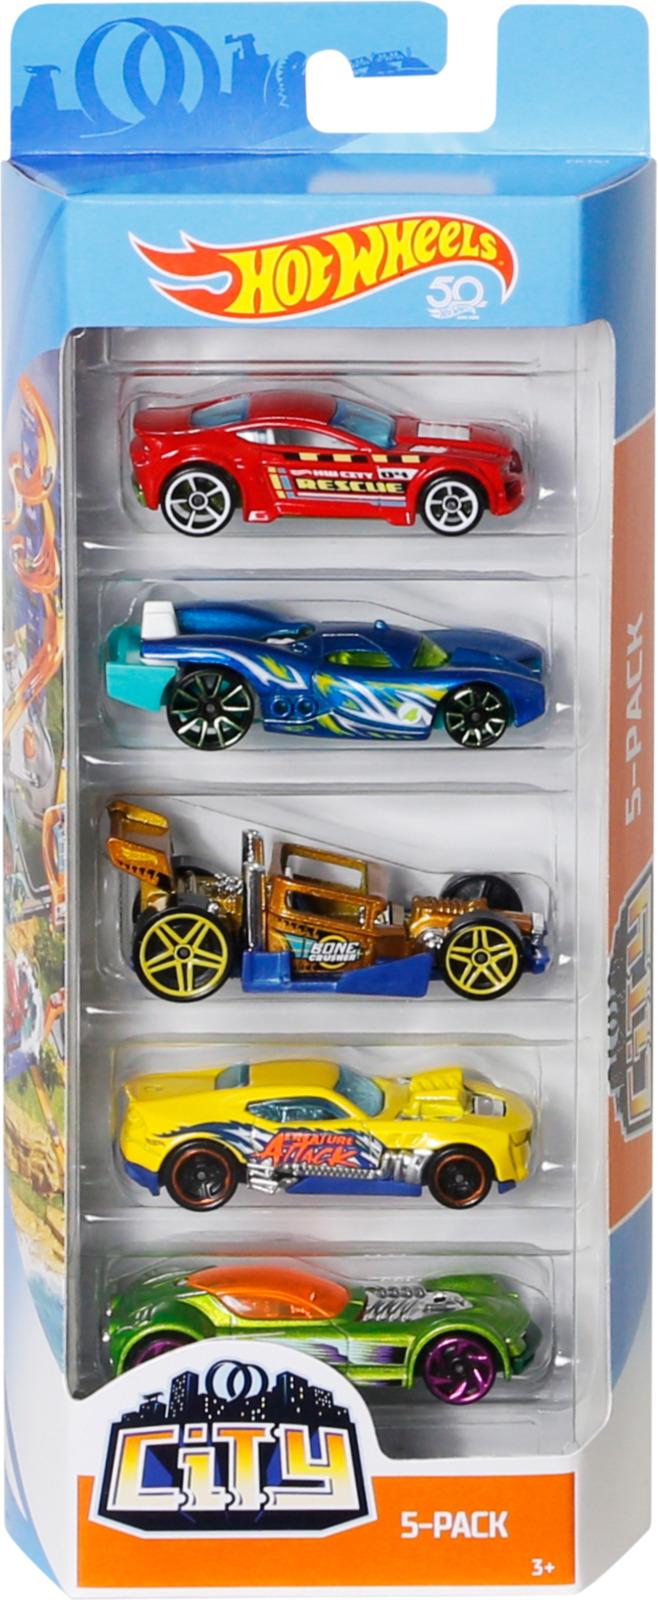 Набор машинок Hot Wheels Flames, 1806_FKT61, 5 шт1806_FKT61Набор из 5 машинок включает в себя разные по дизайну и цвету автомобили, выполненные в масштабе 1/64. Все они очень яркие и красочные, а их качество, как и у всех машинок Хот Вилс, просто на высоте! Если ты хочешь стать обладателем моделей машин из фильма «Бэтмэн» или получить серию автотехники будущего, а может, стать гонщиком сверхмощных роадстеров, эти тематические наборы - лучший выбор. Рекомендуем!